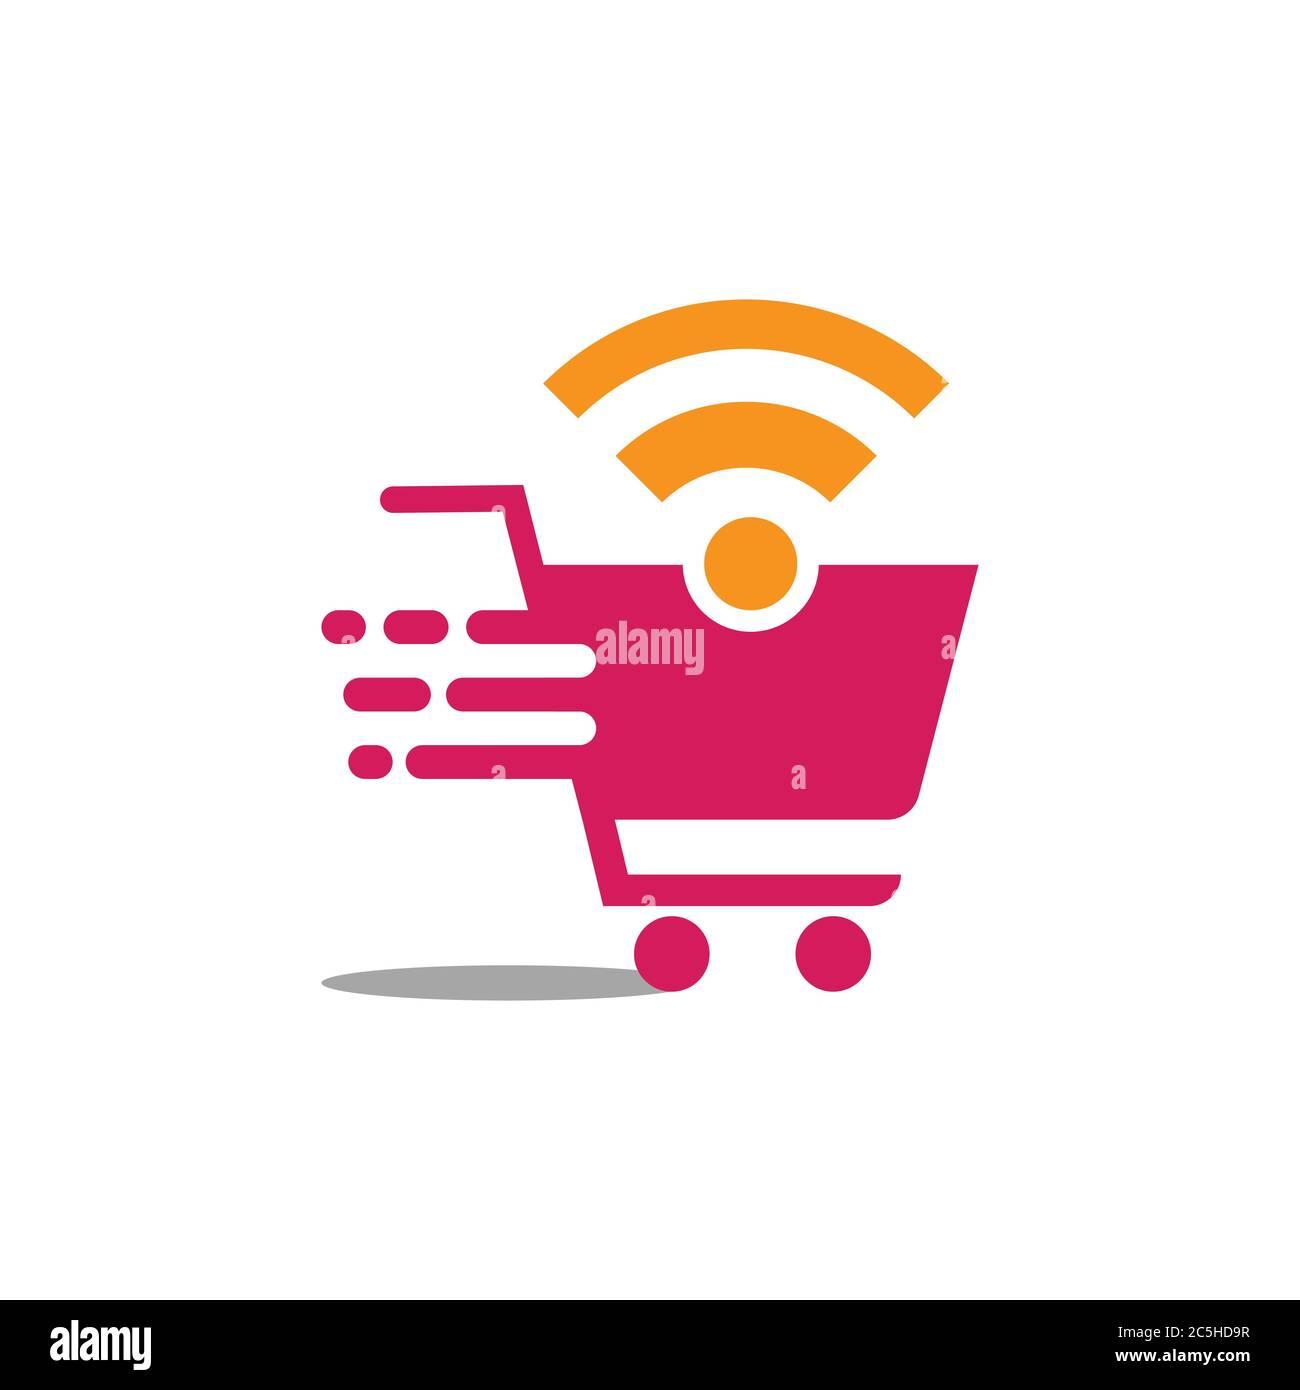 Online shop logo design vector illustrtaion. Mobile online shopping logo  vector template Stock Vector Image & Art - Alamy